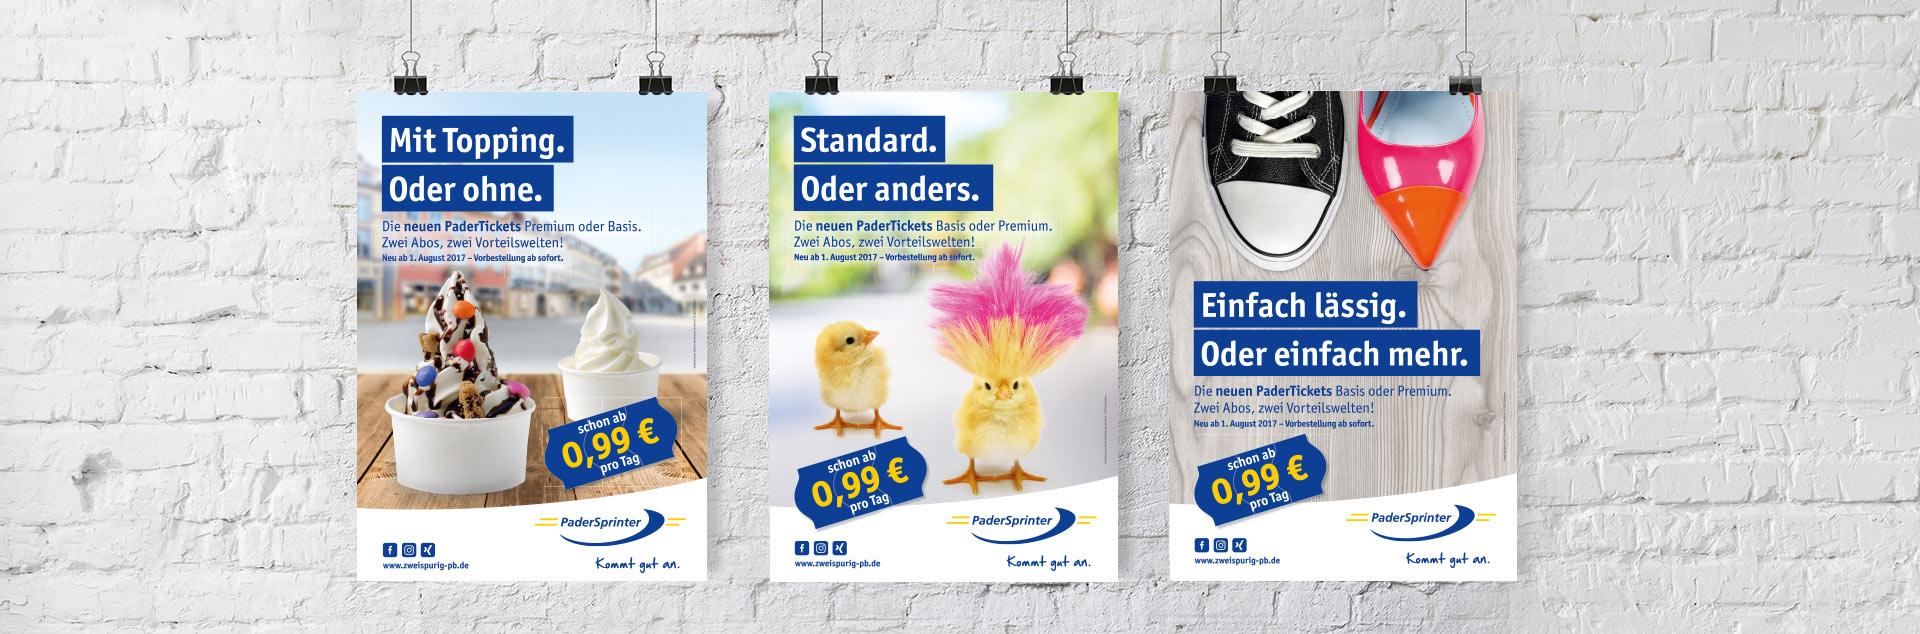 2017-07-18-Paderticket-PaderSprinter-Plakate